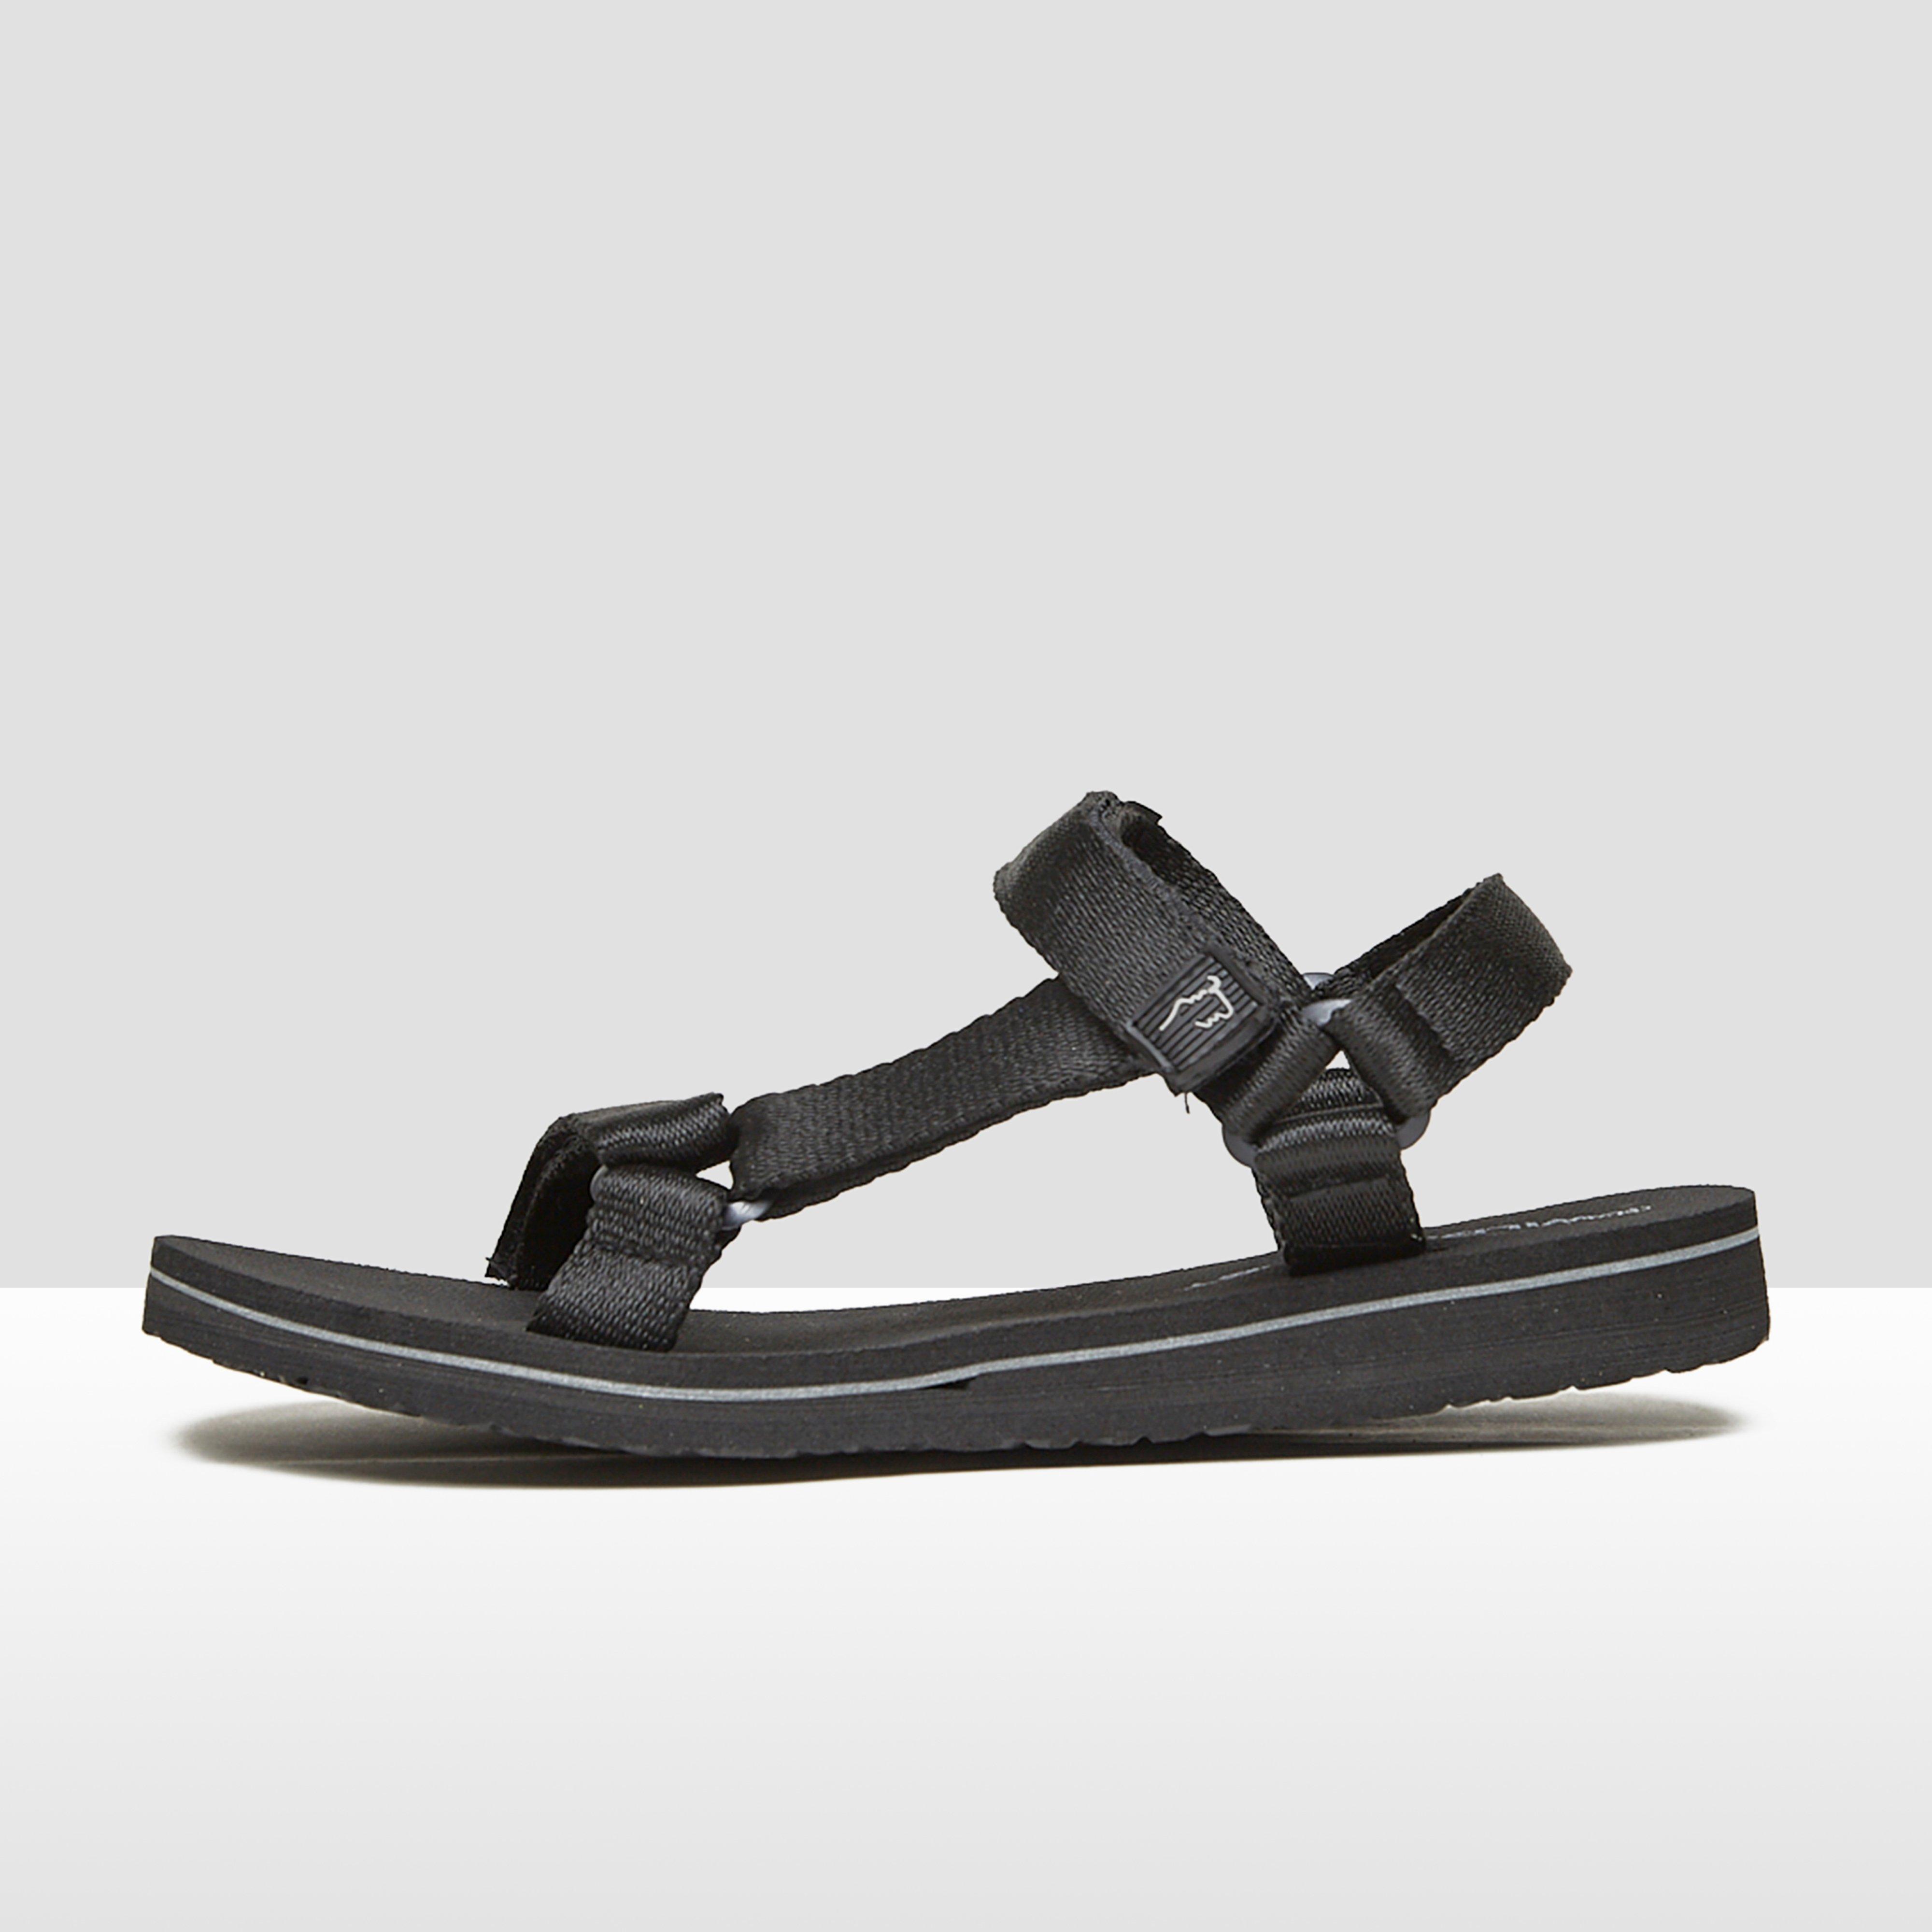 f40b1e748e5b49 Sandalen voor dames online kopen bij Perry